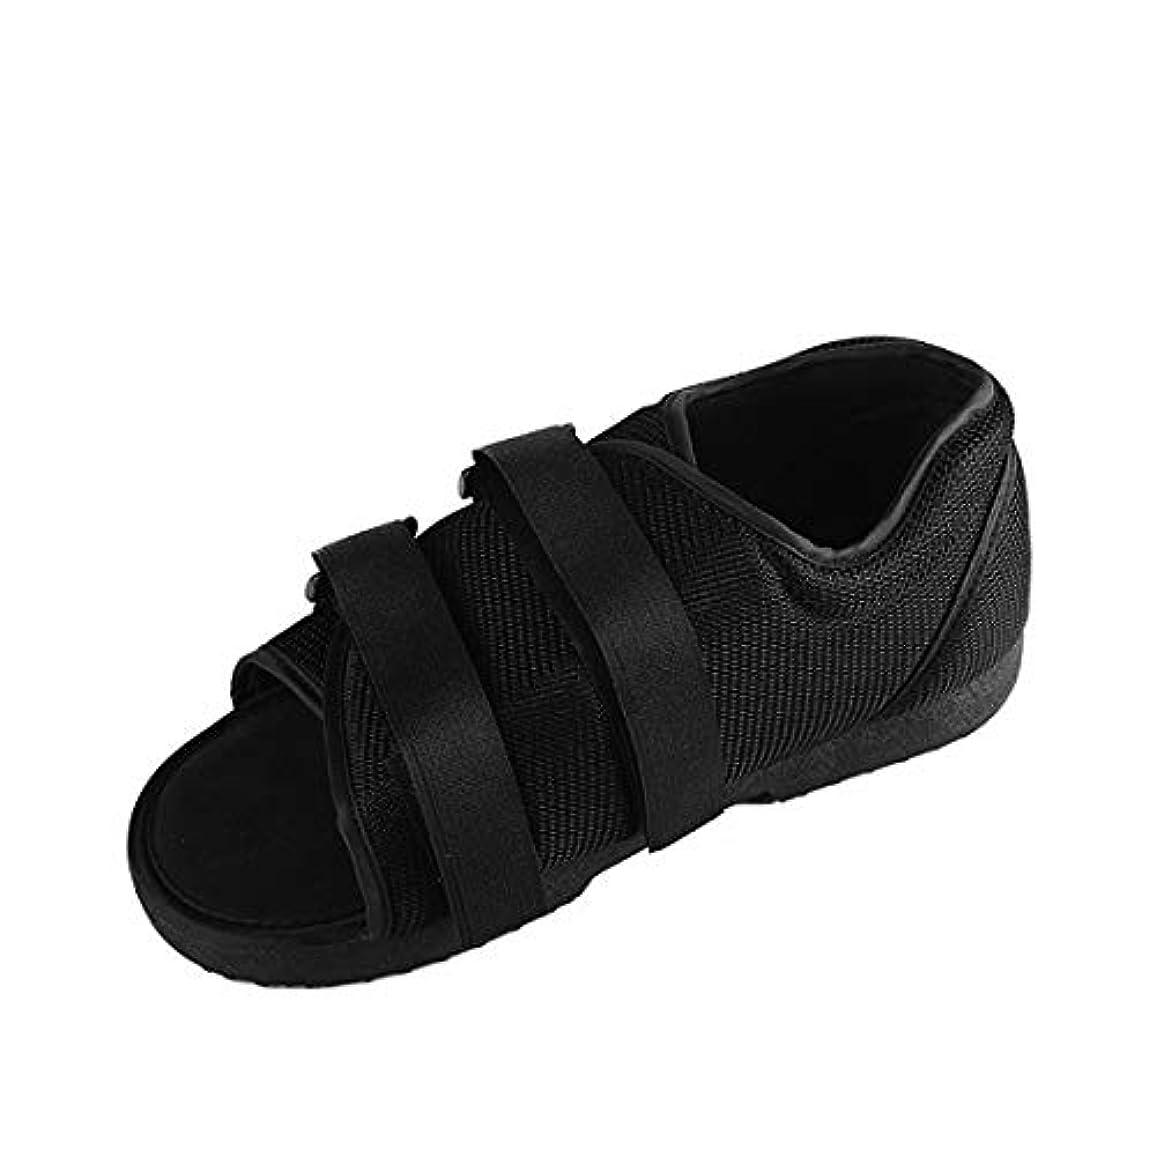 抽象化老人汚れる医療足骨折石膏の回復靴の手術後のつま先の靴を安定化骨折の靴を調整可能なファスナーで完全なカバー,WS23.5*9cm